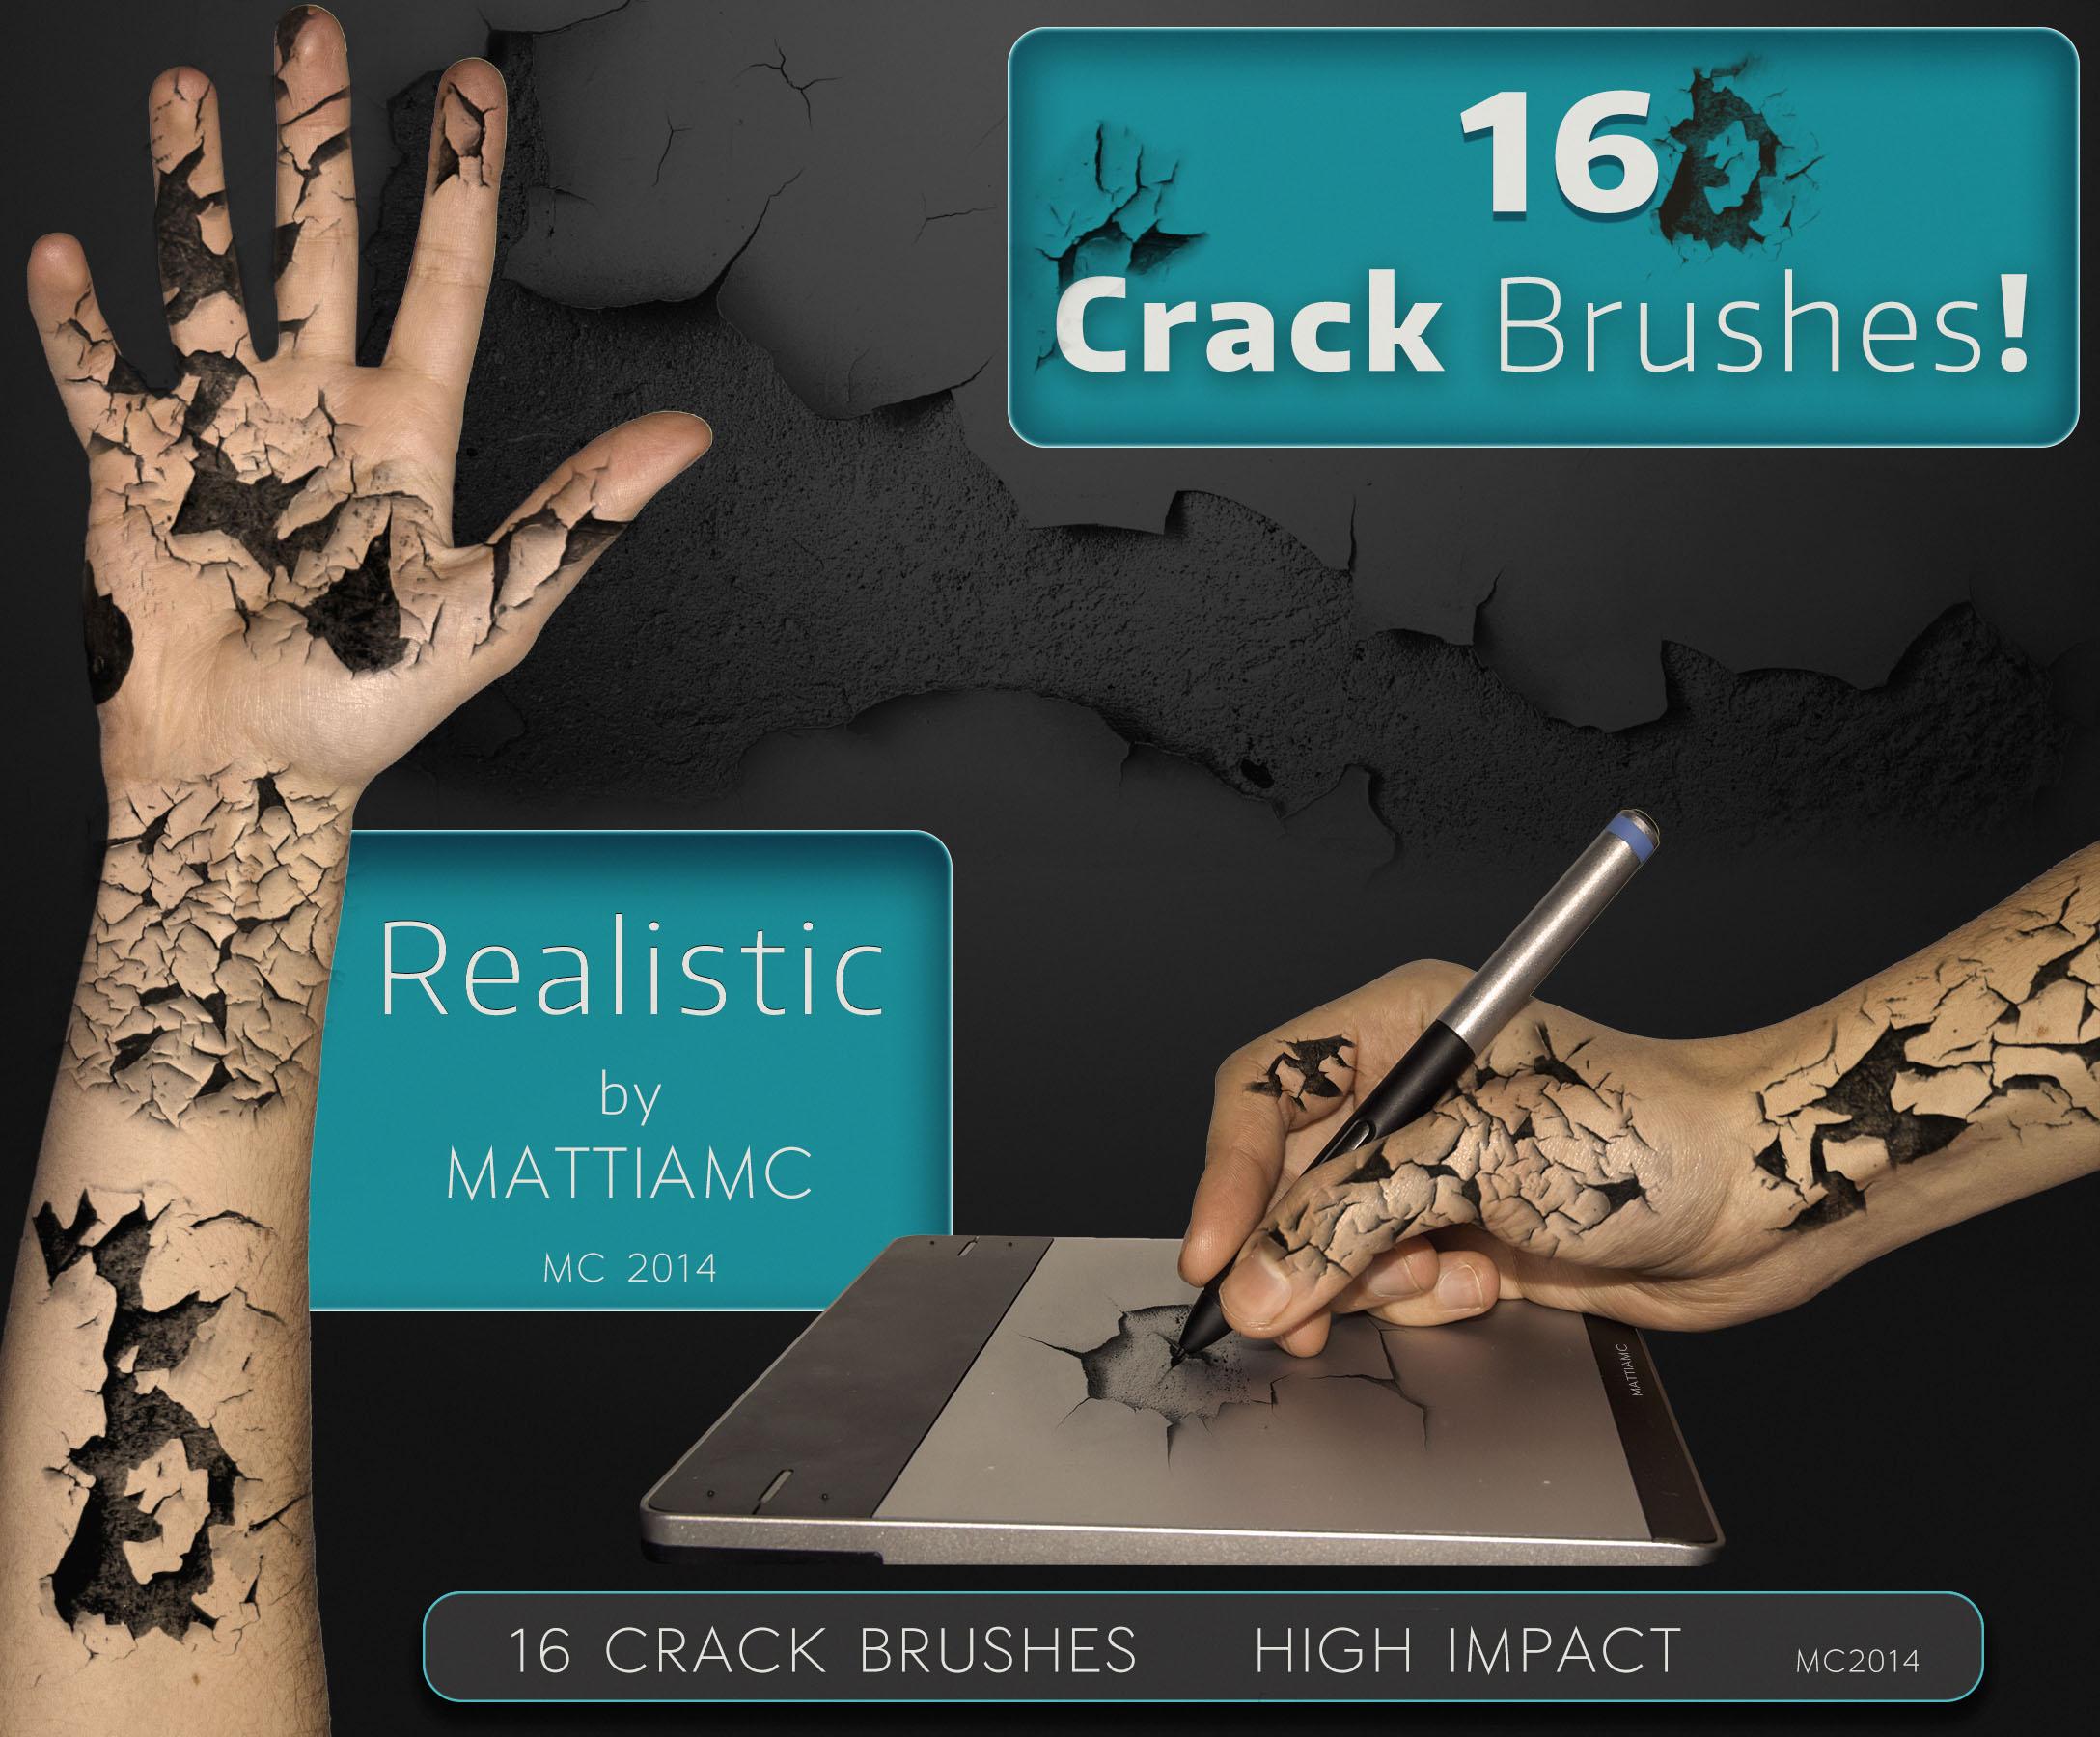 16 Crack Brushes MC 2014